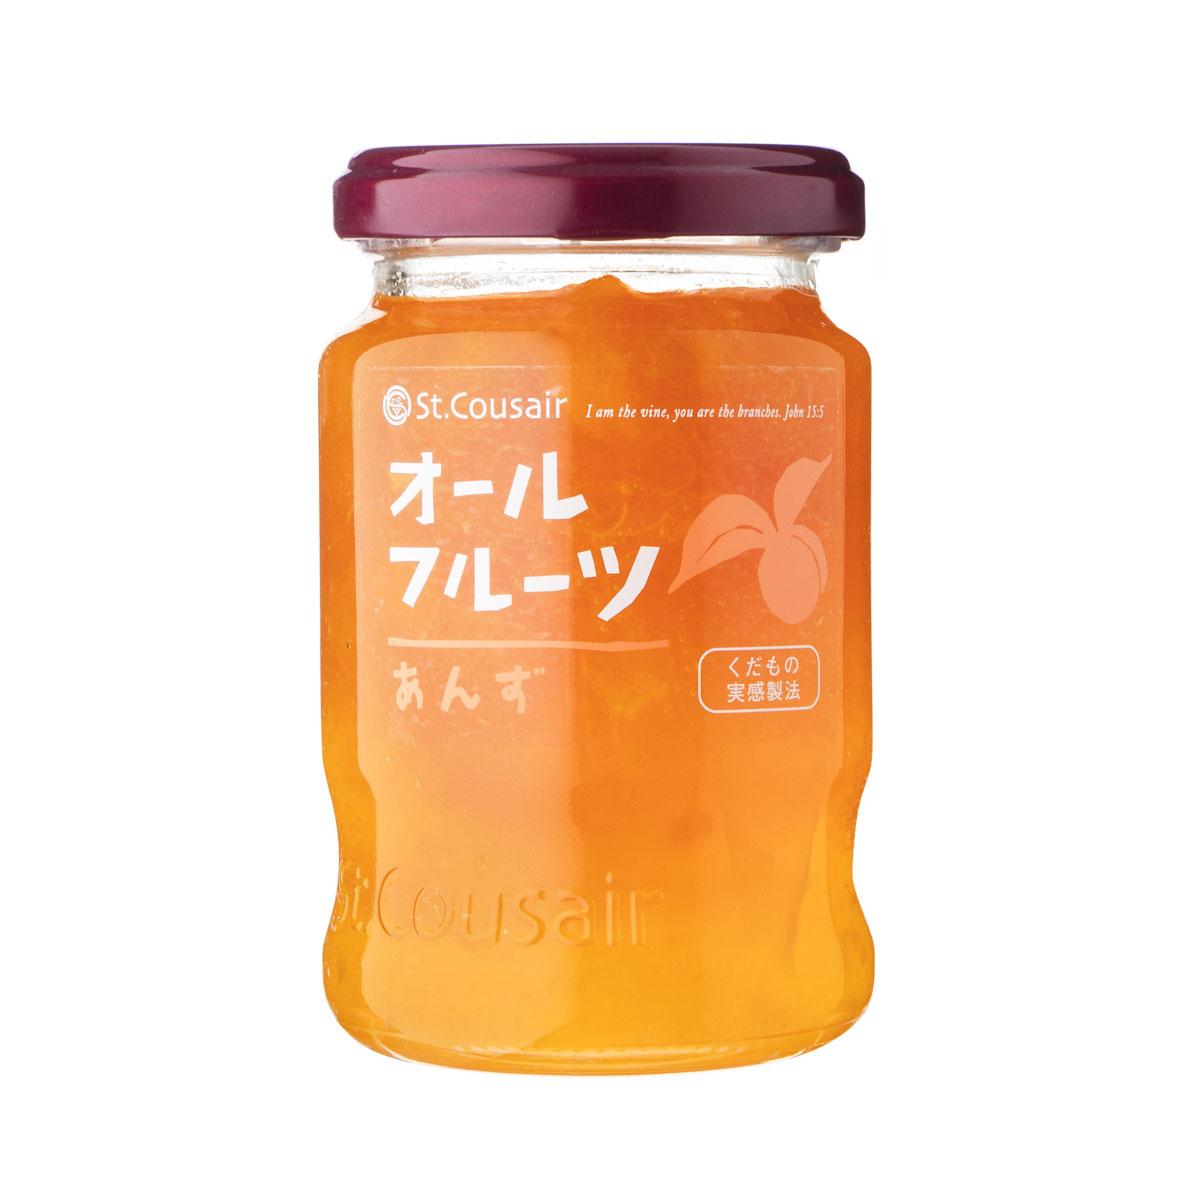 【サンクゼール】<リニューアル>オールフルーツジャム あんず 185g